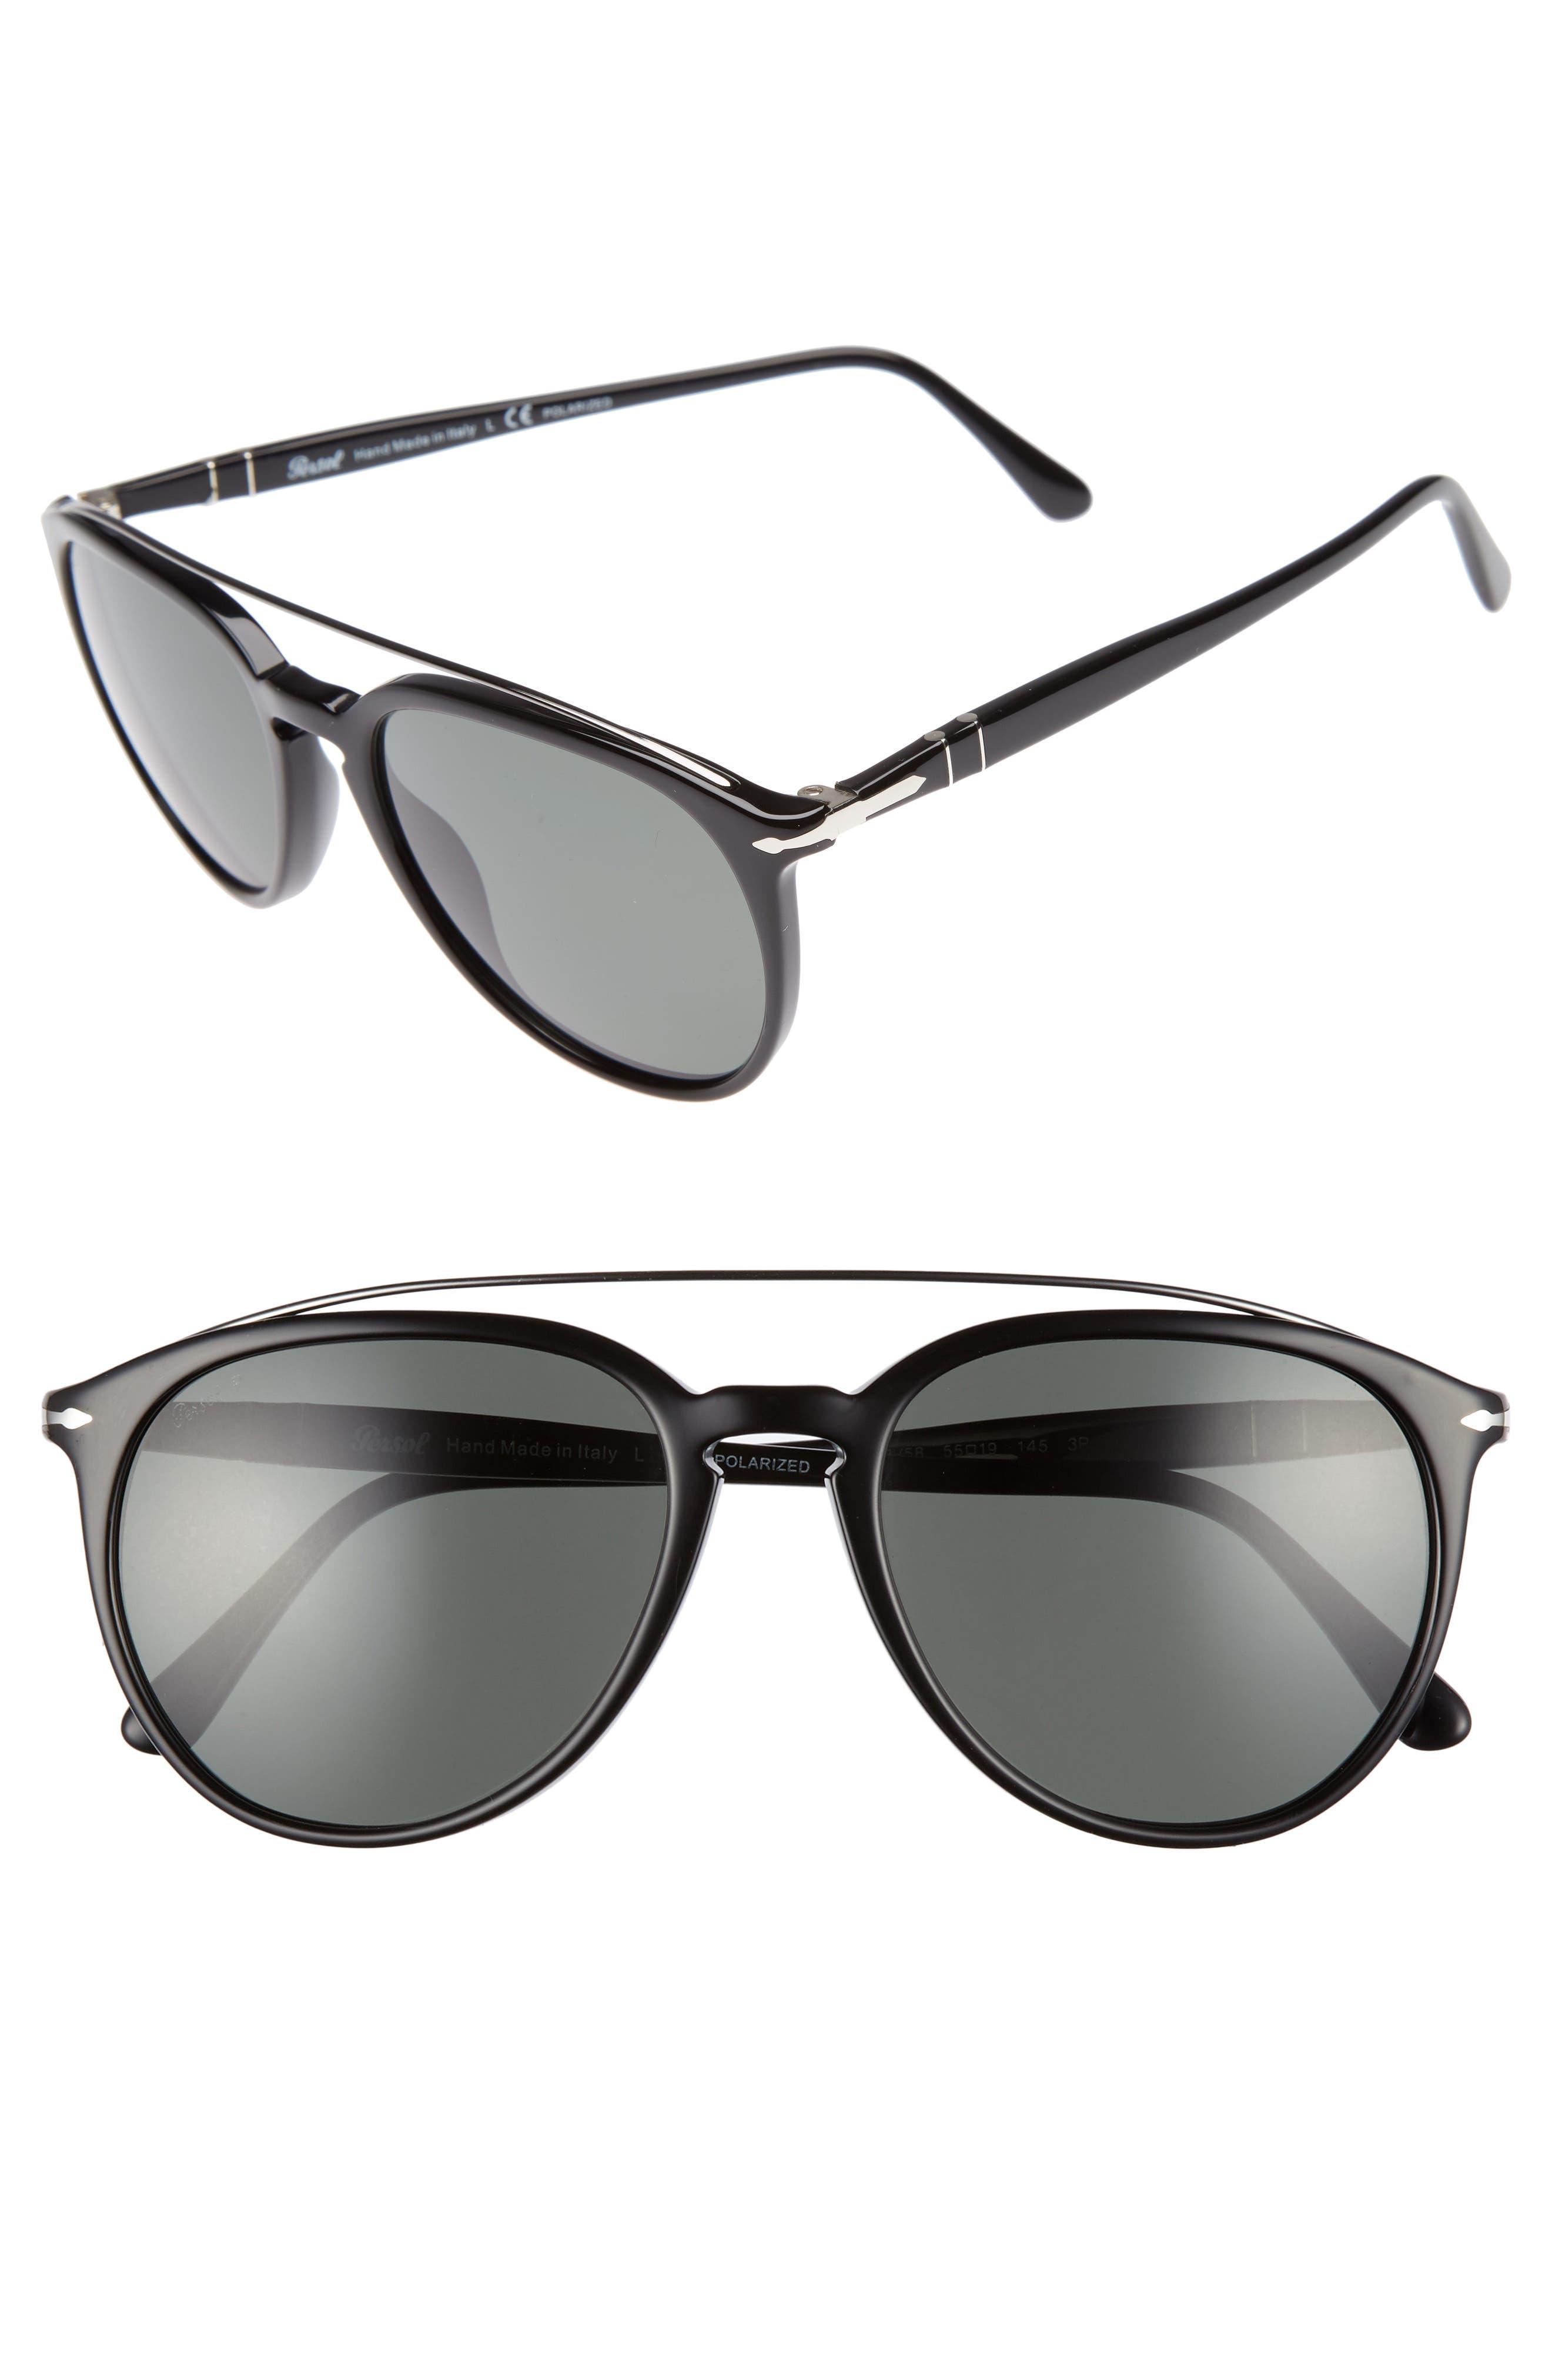 Persol Sartoria 55mm Polarized Sunglasses